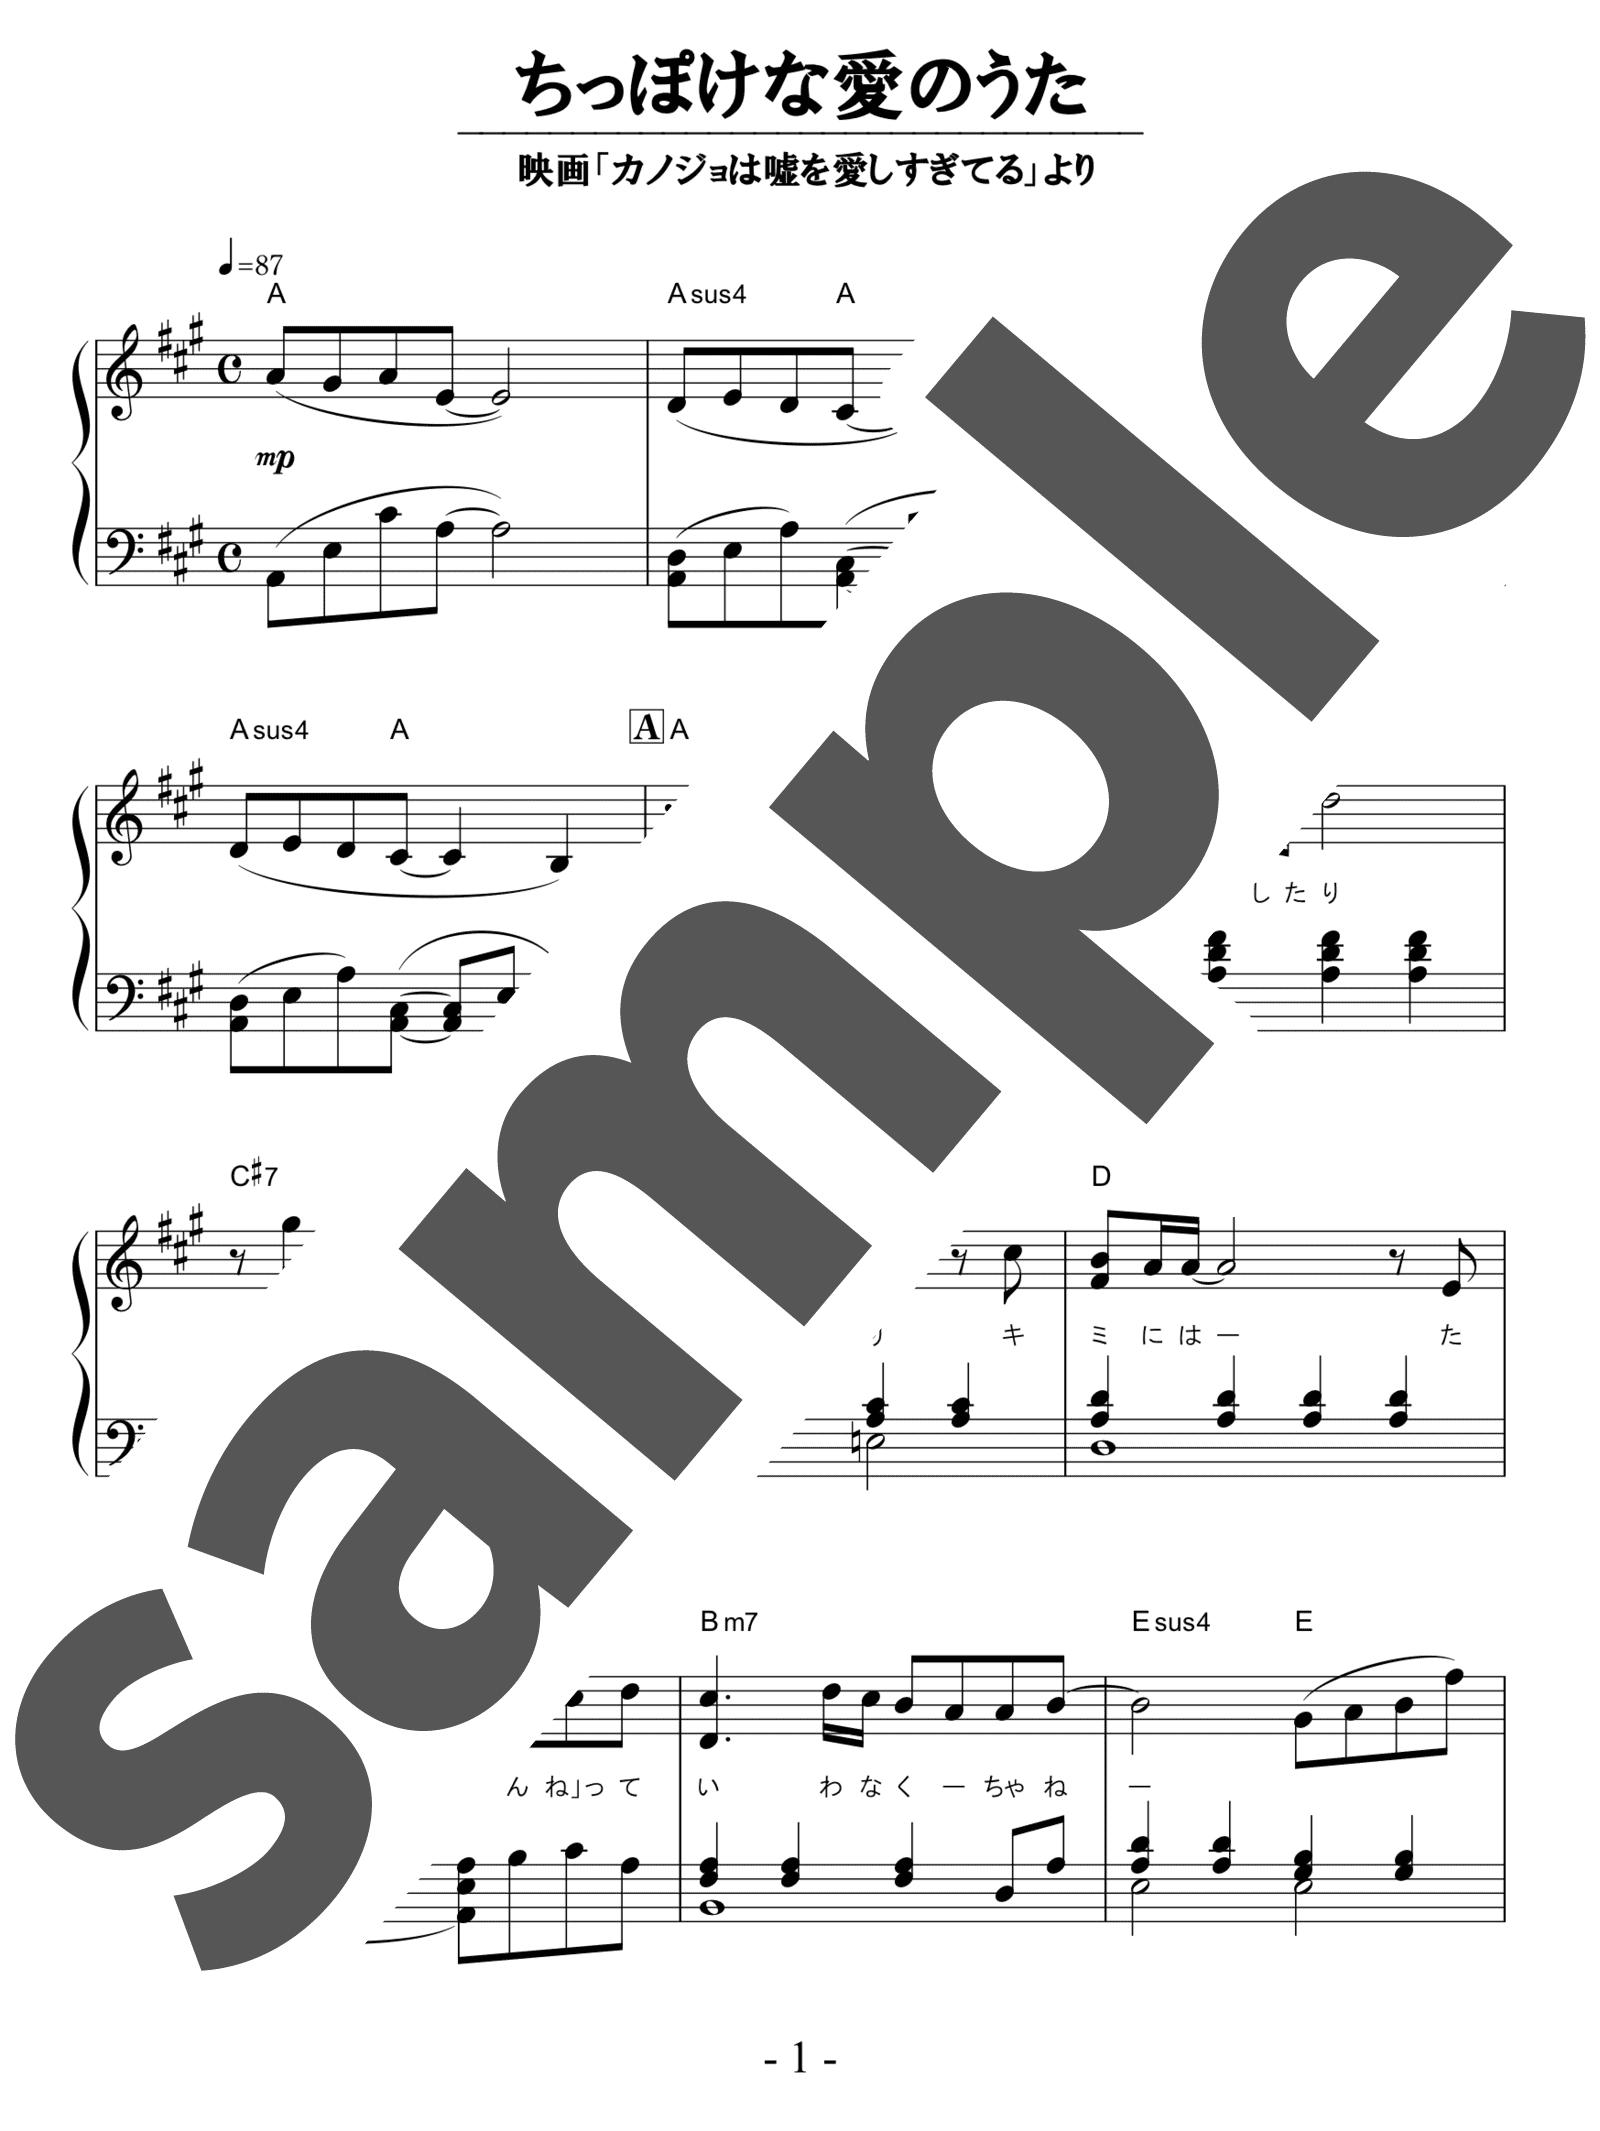 「ちっぽけな愛のうた」のサンプル楽譜